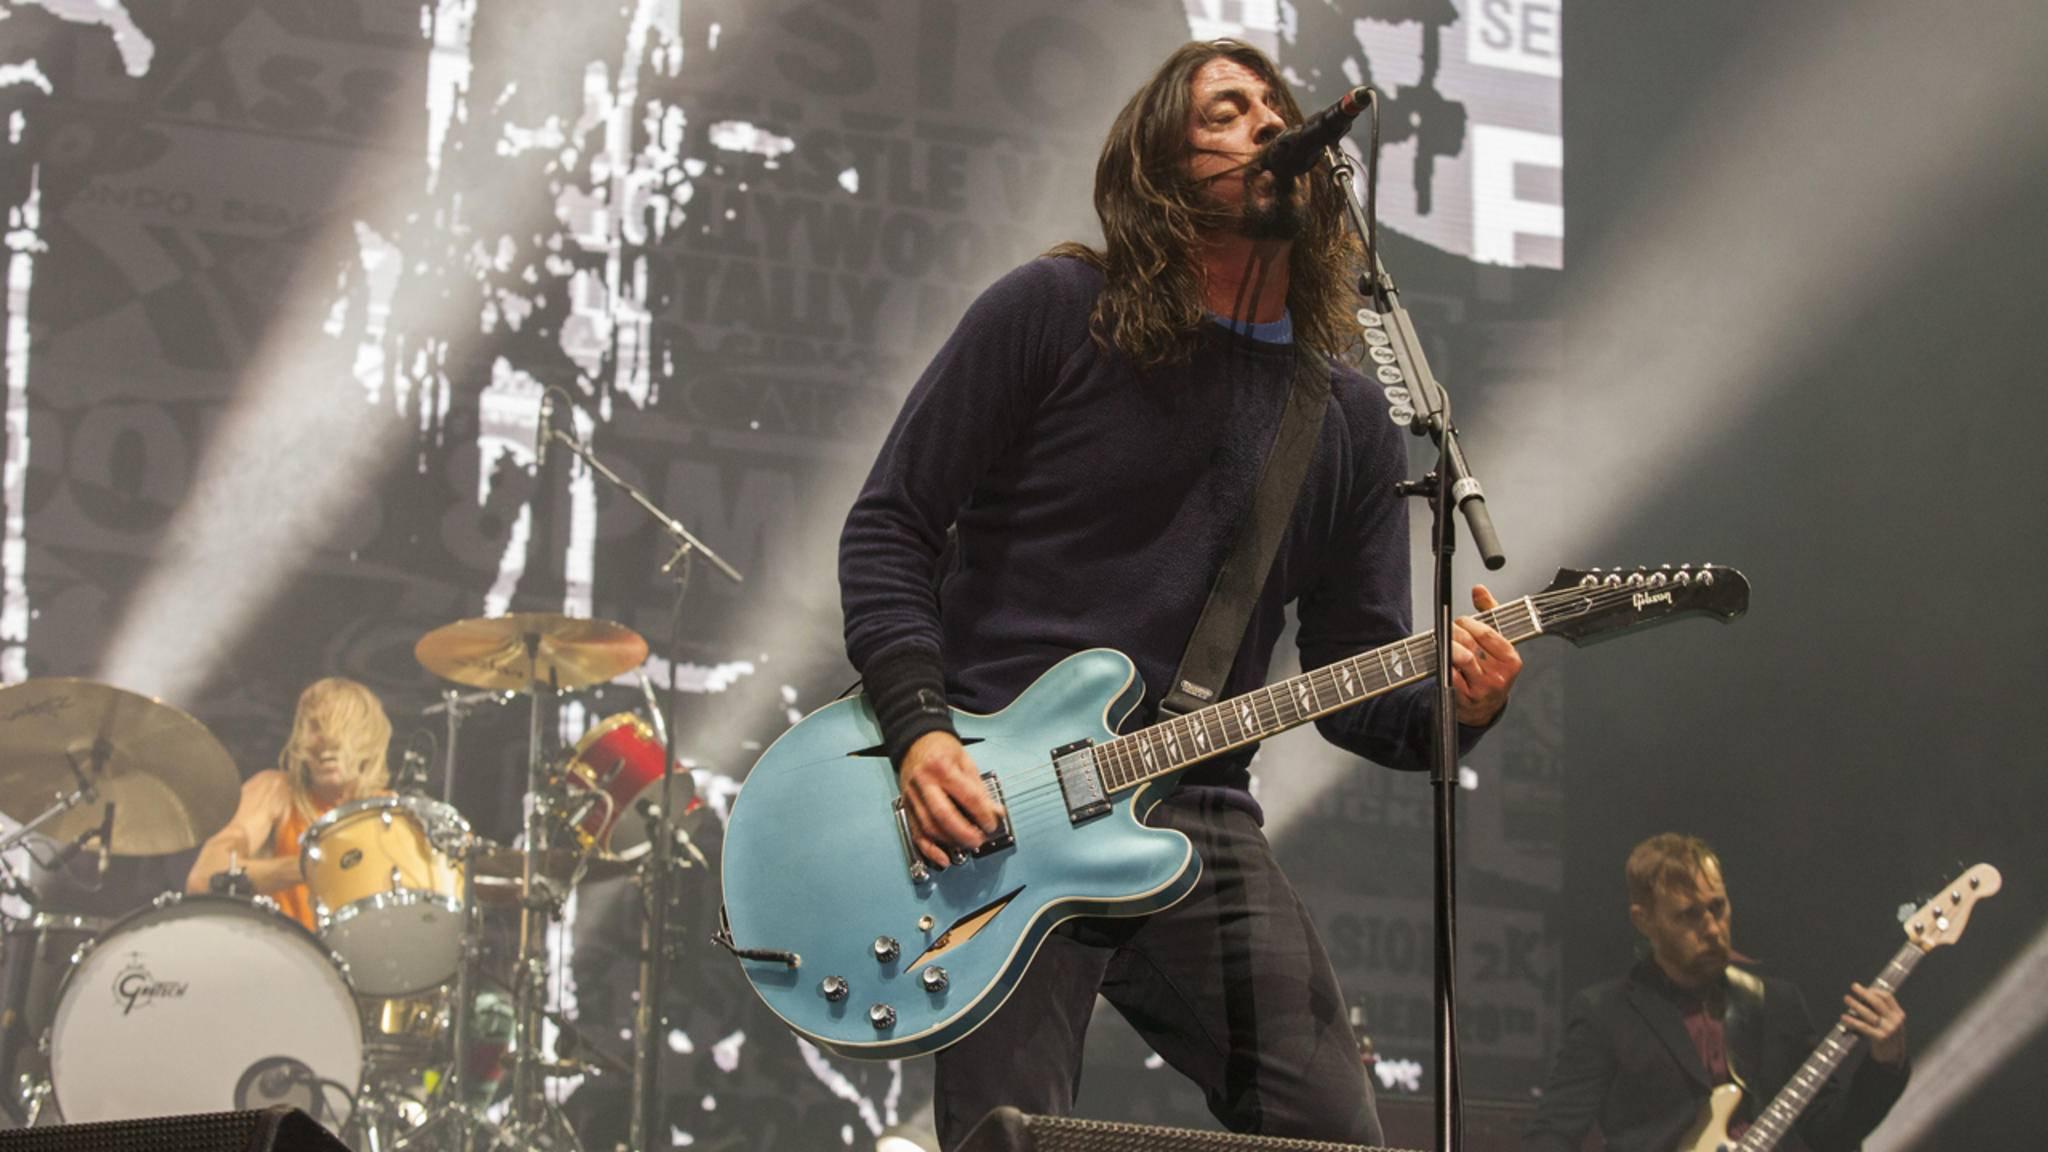 Ist eine neue Studioplatte der Foo Fighters in Aussicht? Ein US-Konzertveranstalter sagt: Ja!